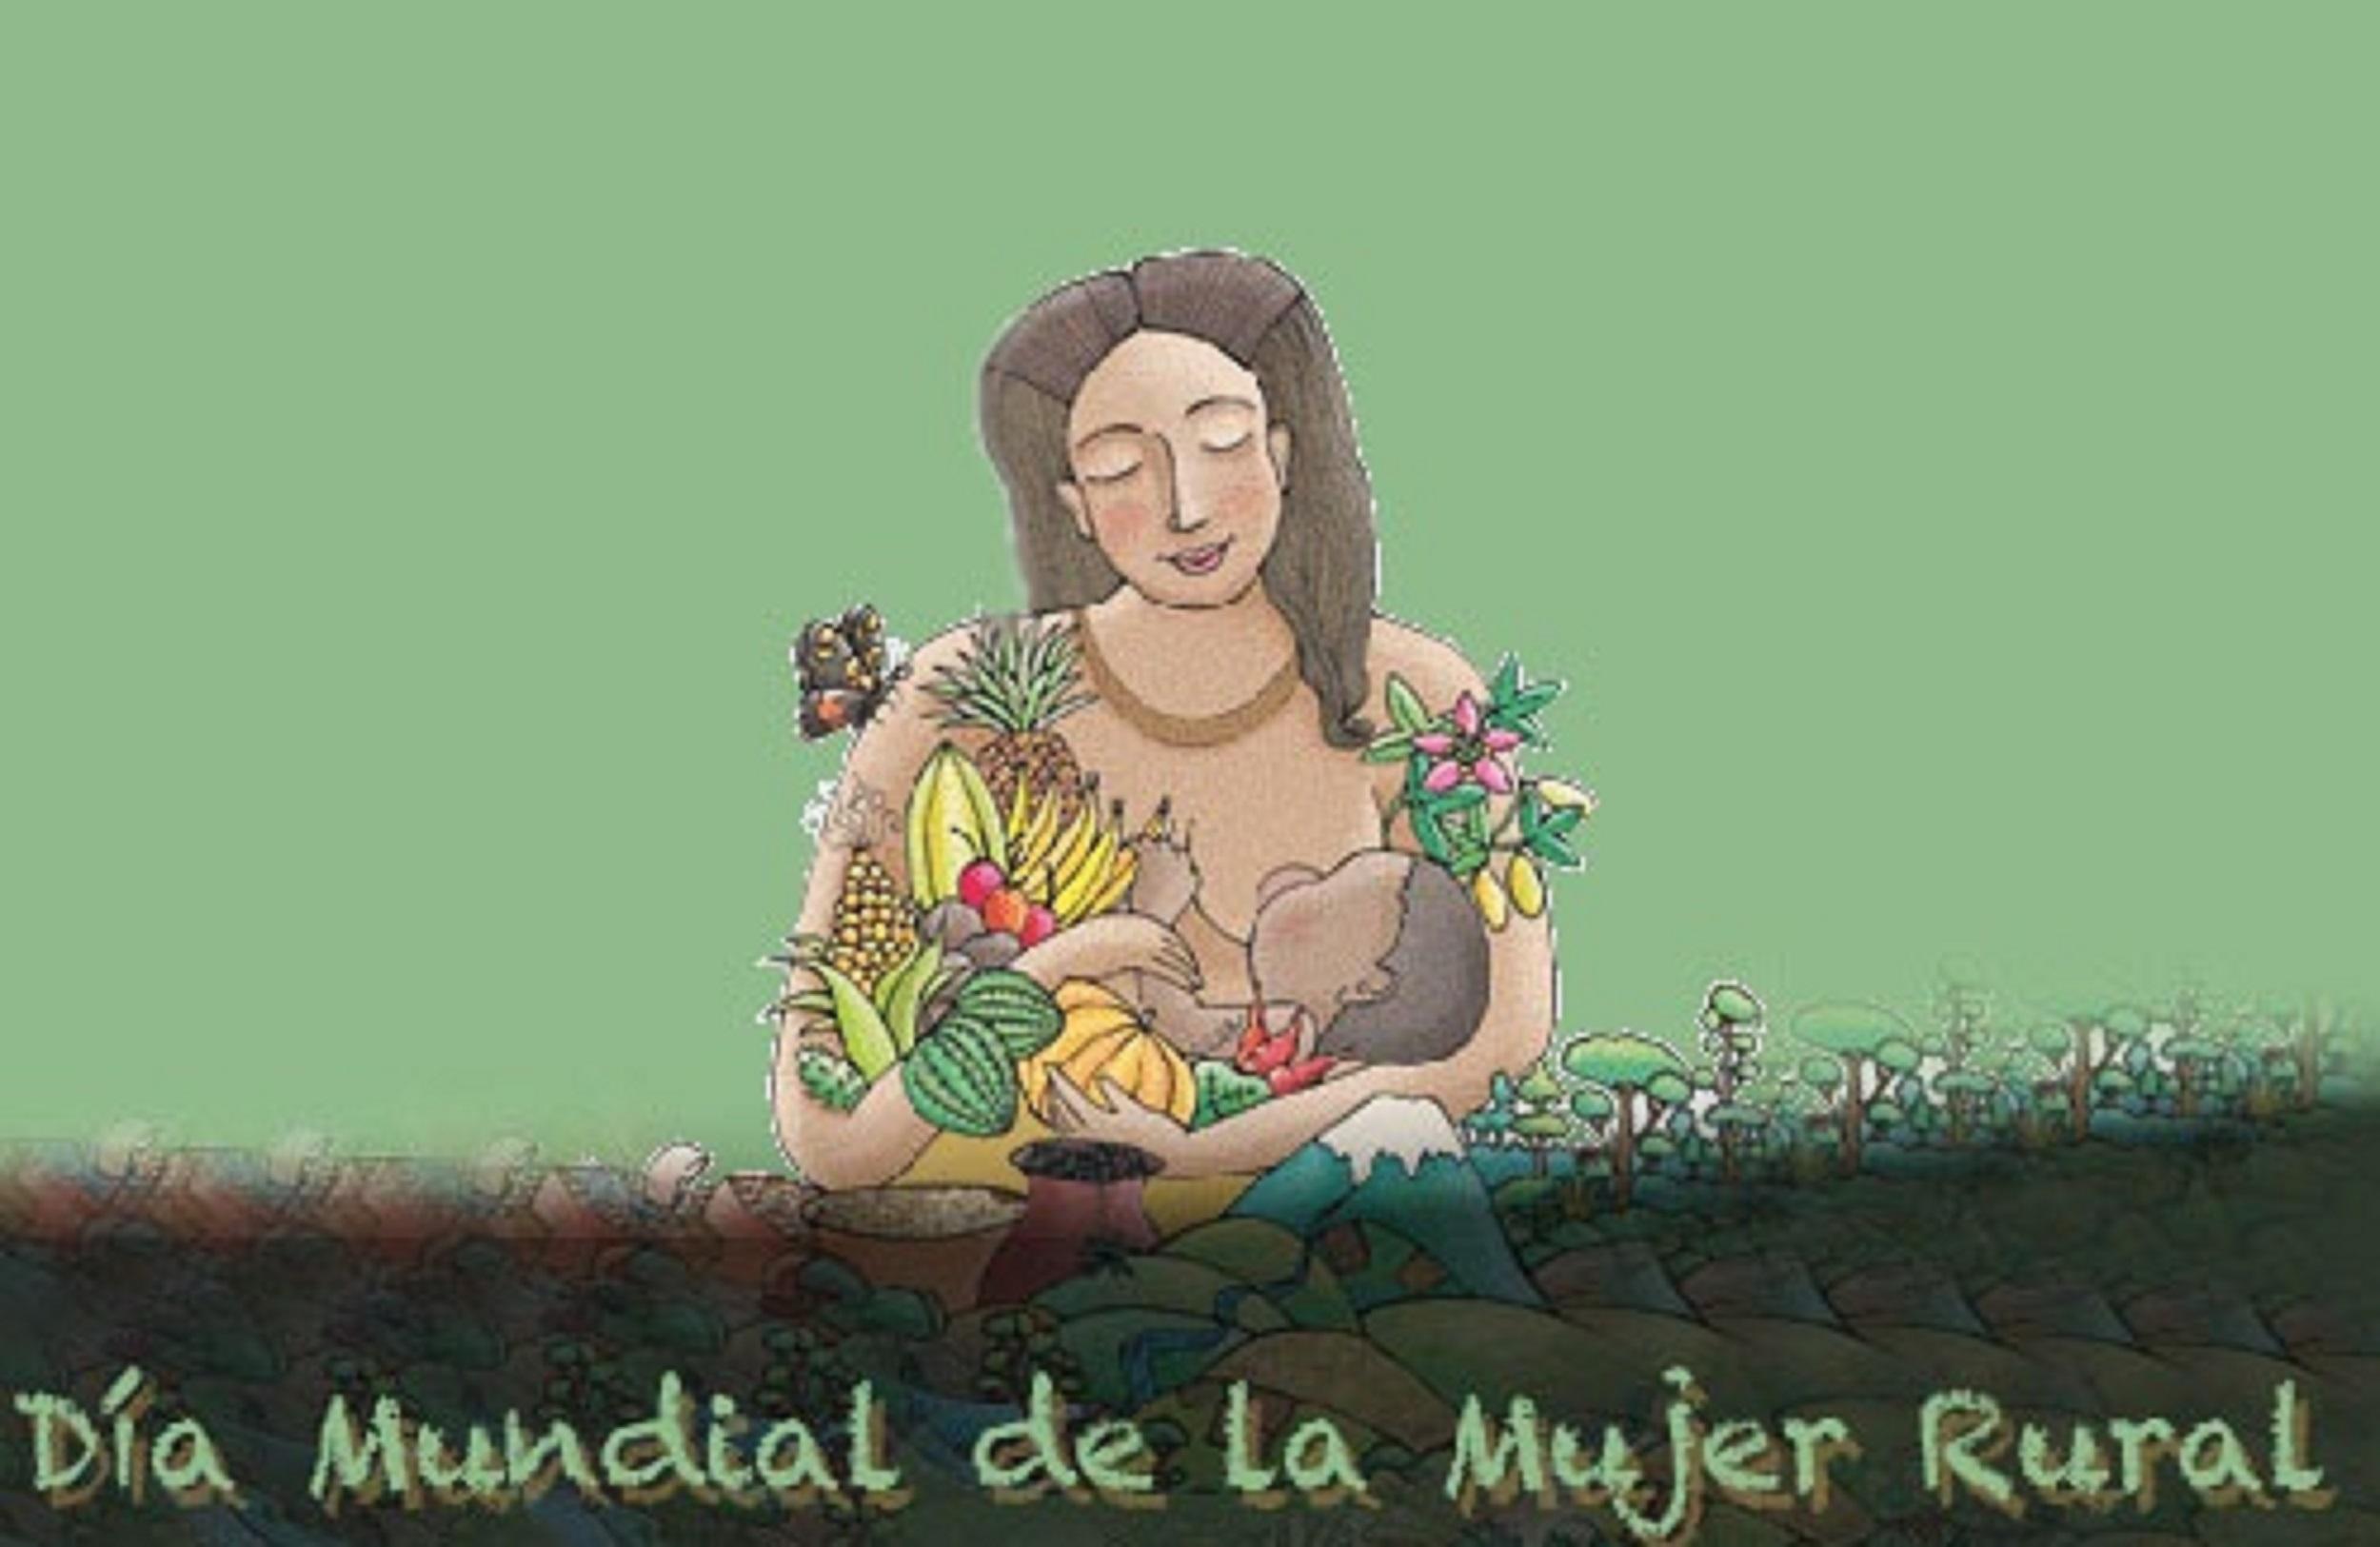 Dia Mundial De La Mujer Rural Mancomunidad Bajo Segura Año en que la situación logro. mujer rural mancomunidad bajo segura